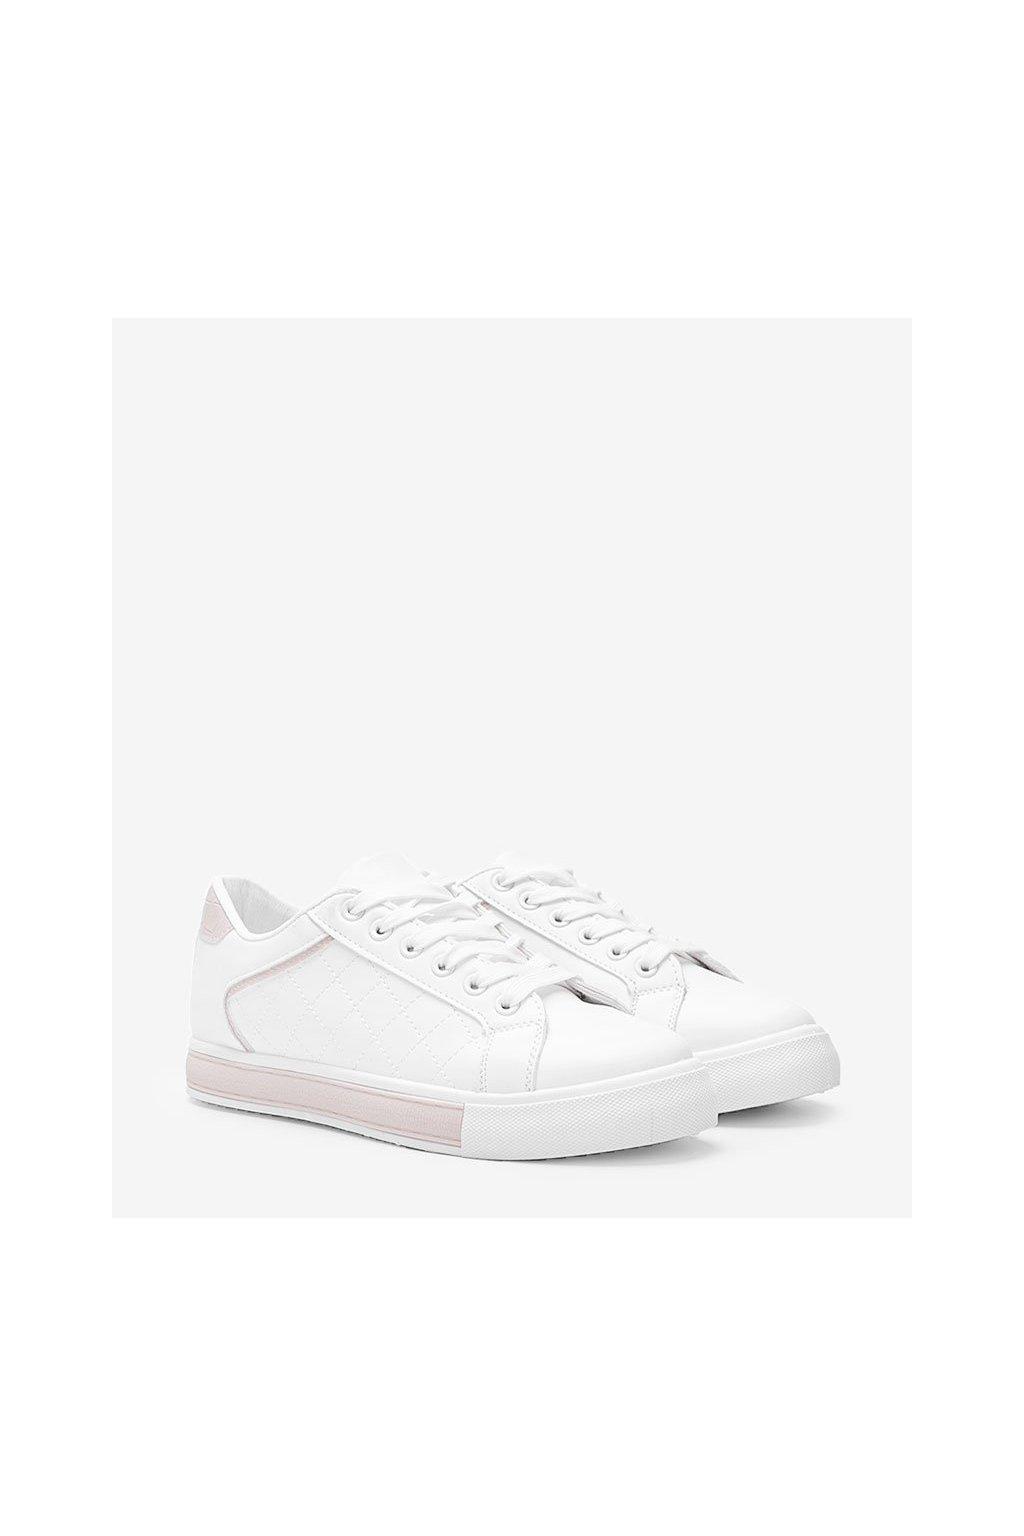 Dámske topánky tenisky hnedé kód A88-86 - GM